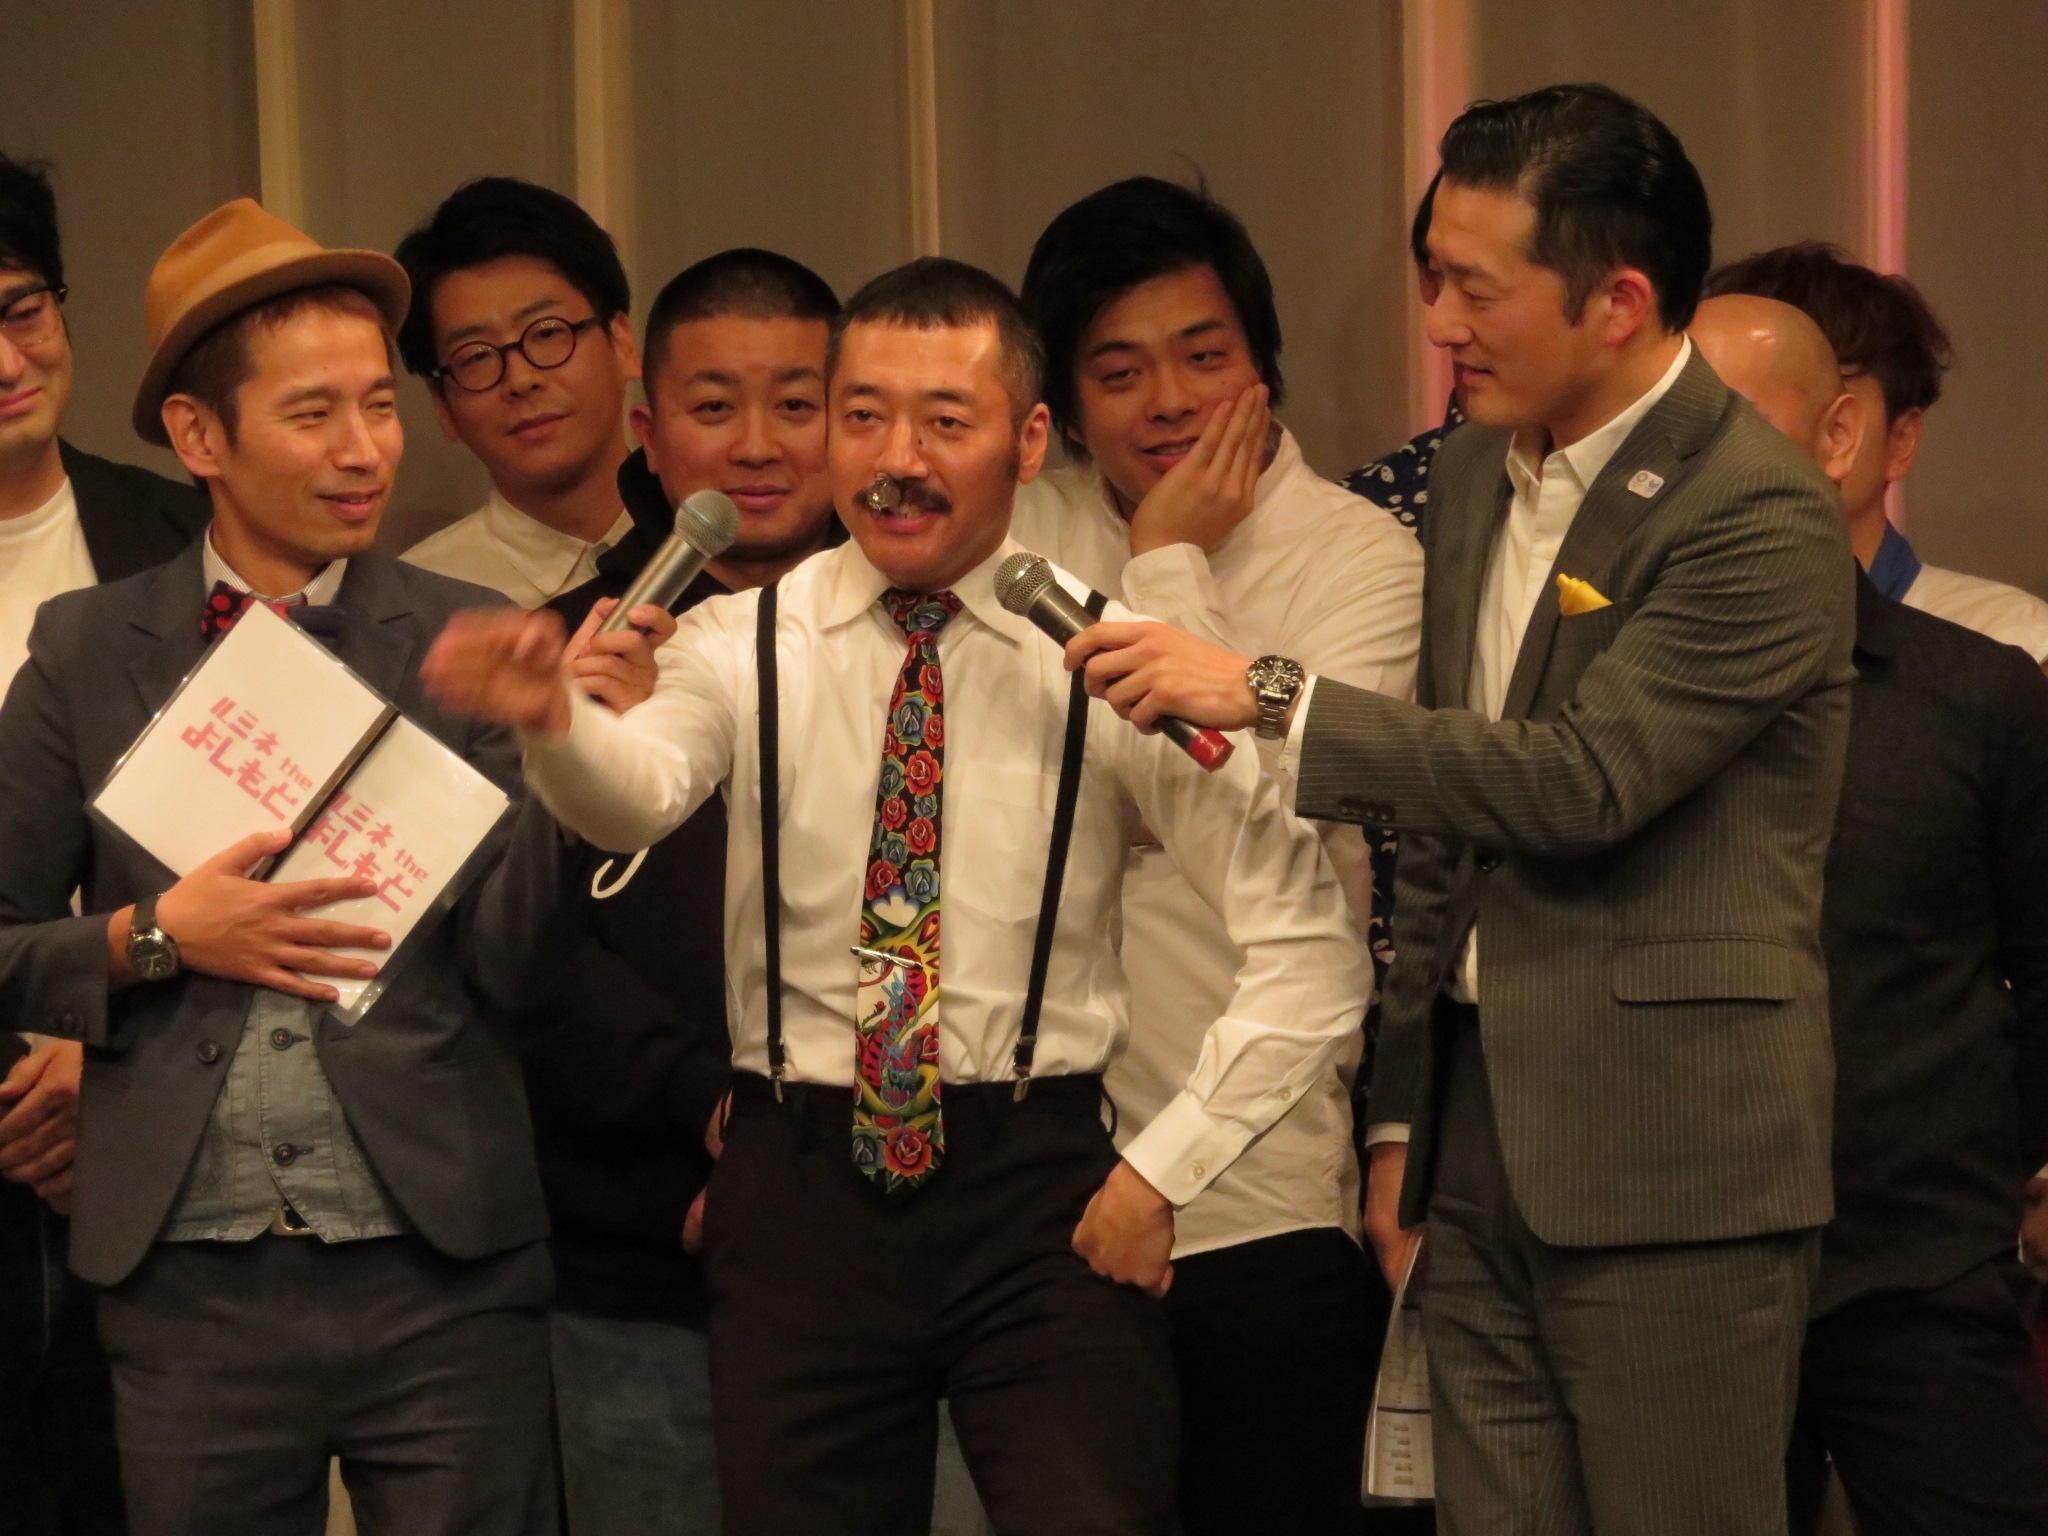 http://news.yoshimoto.co.jp/20180110191506-561f98859151f7b6889993968143fe8d632a8022.jpg